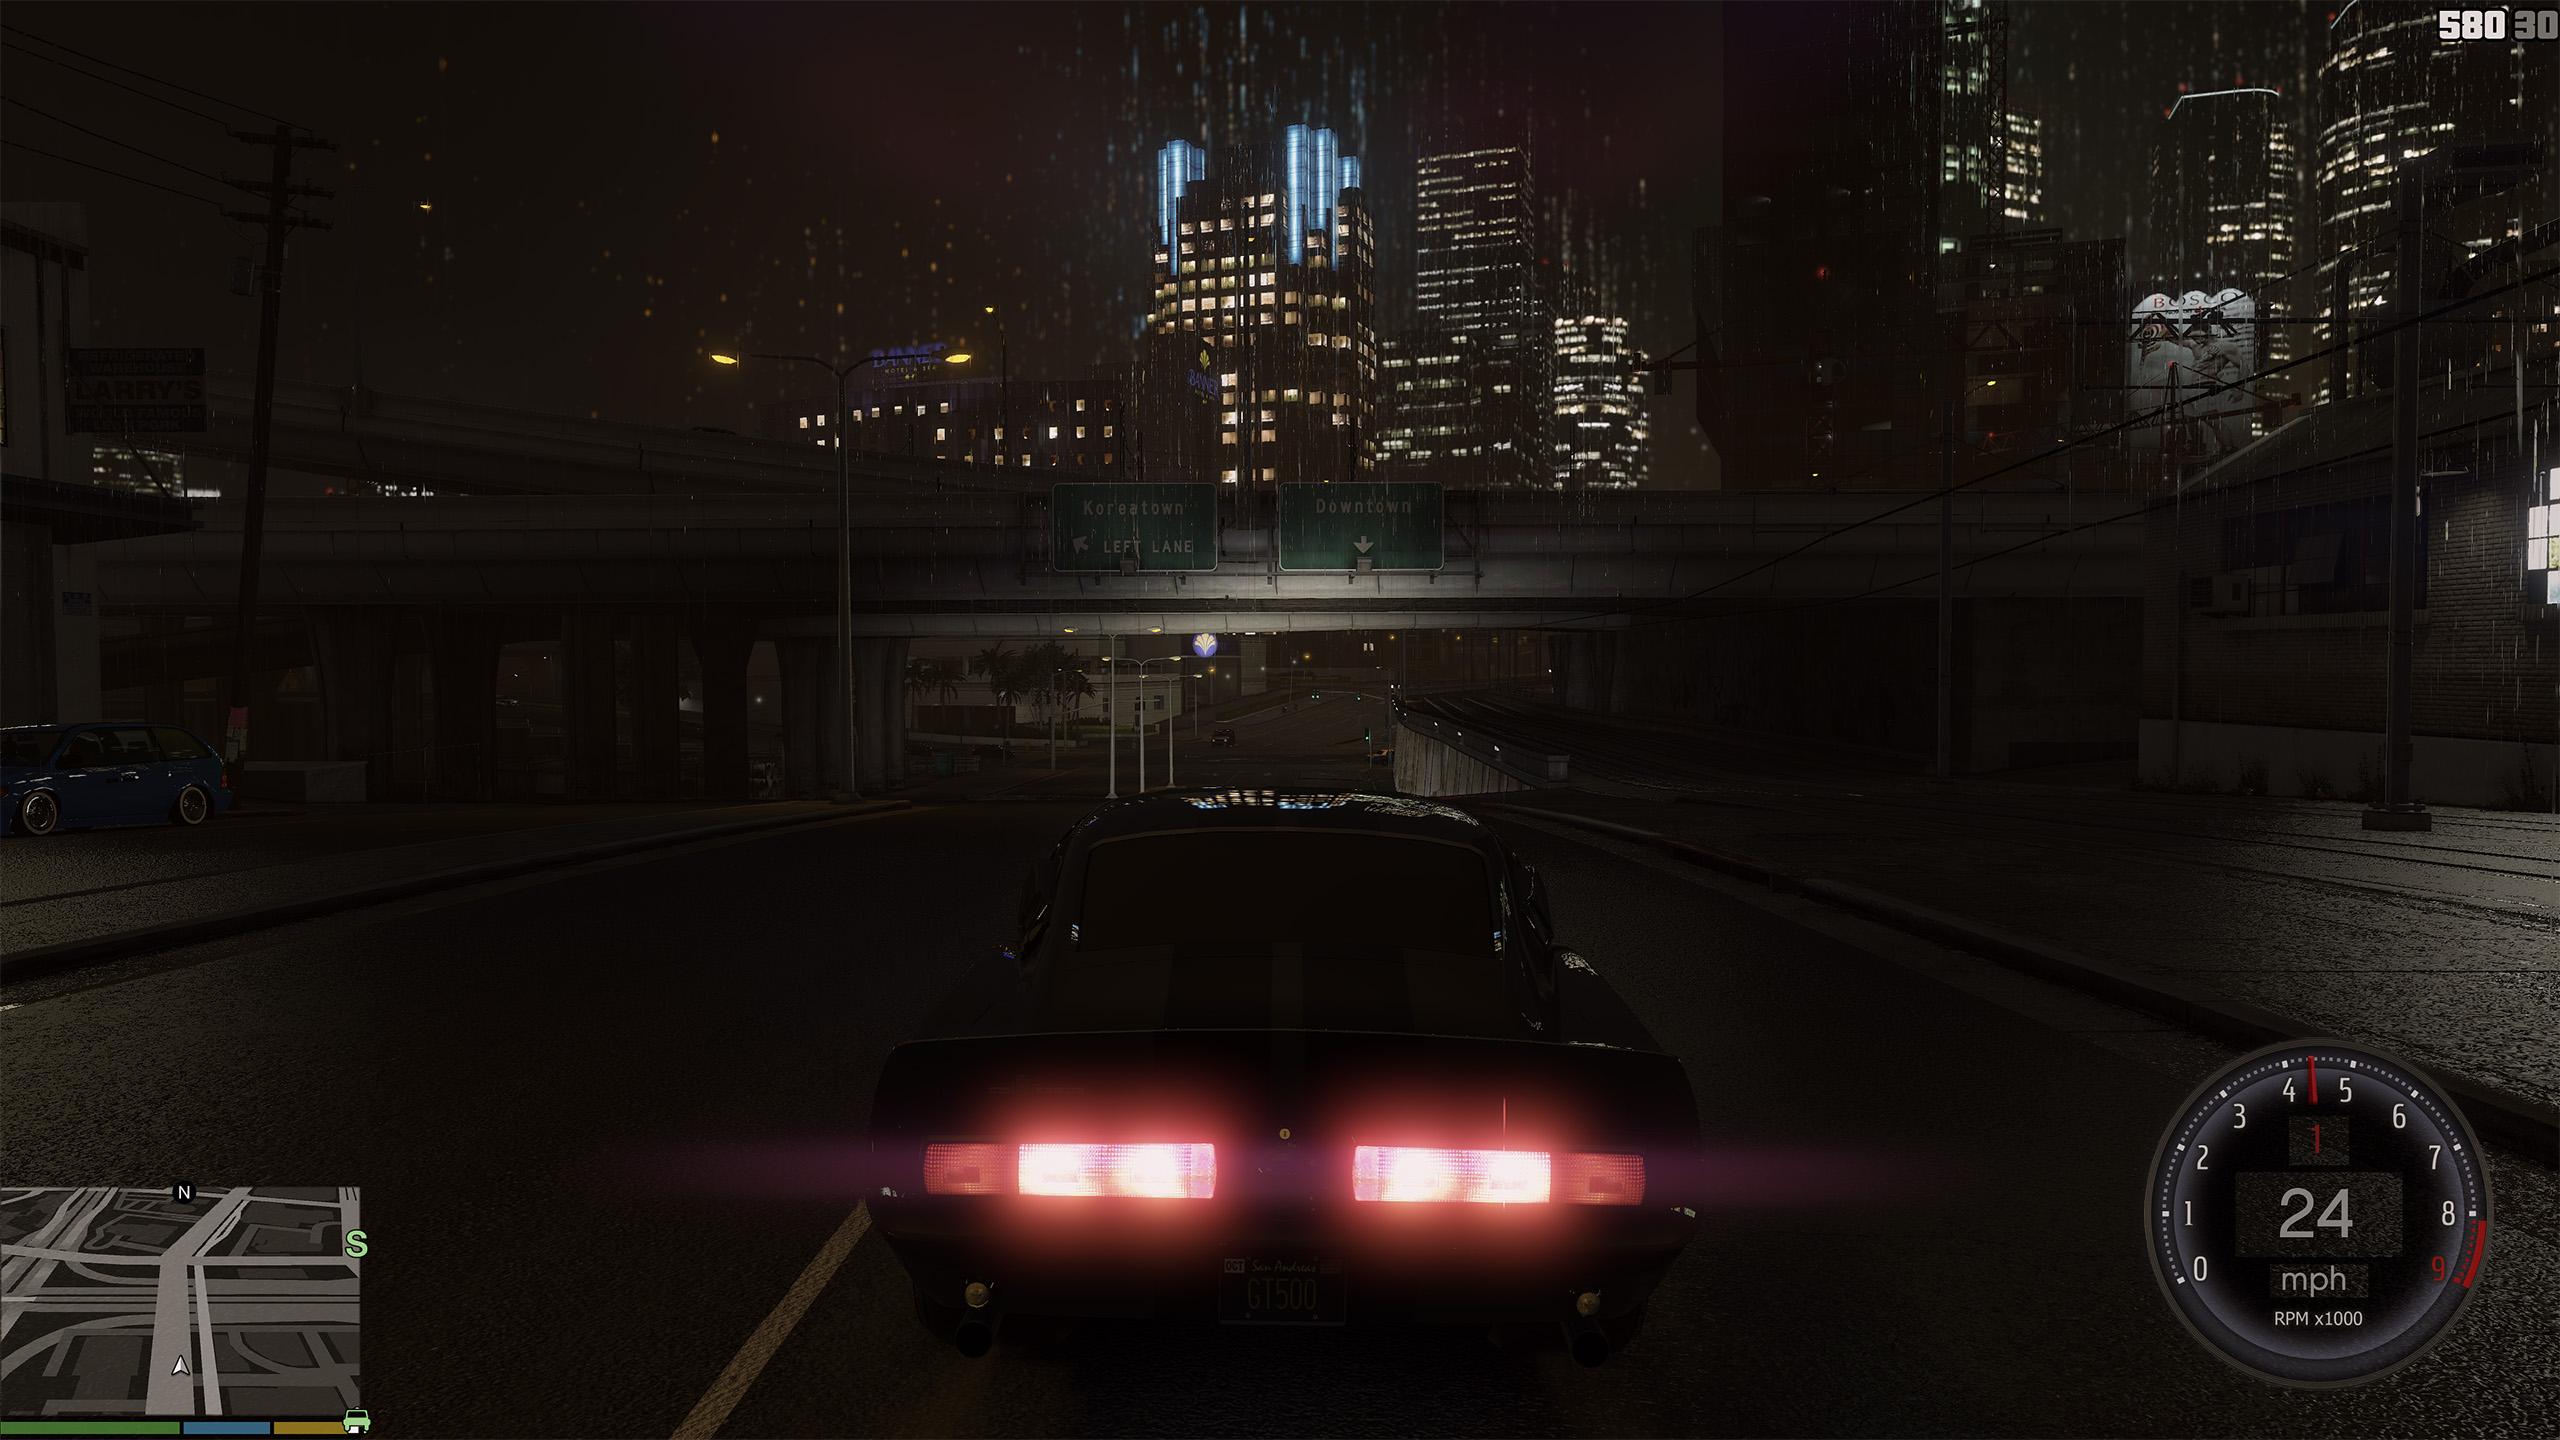 Brakelights ON